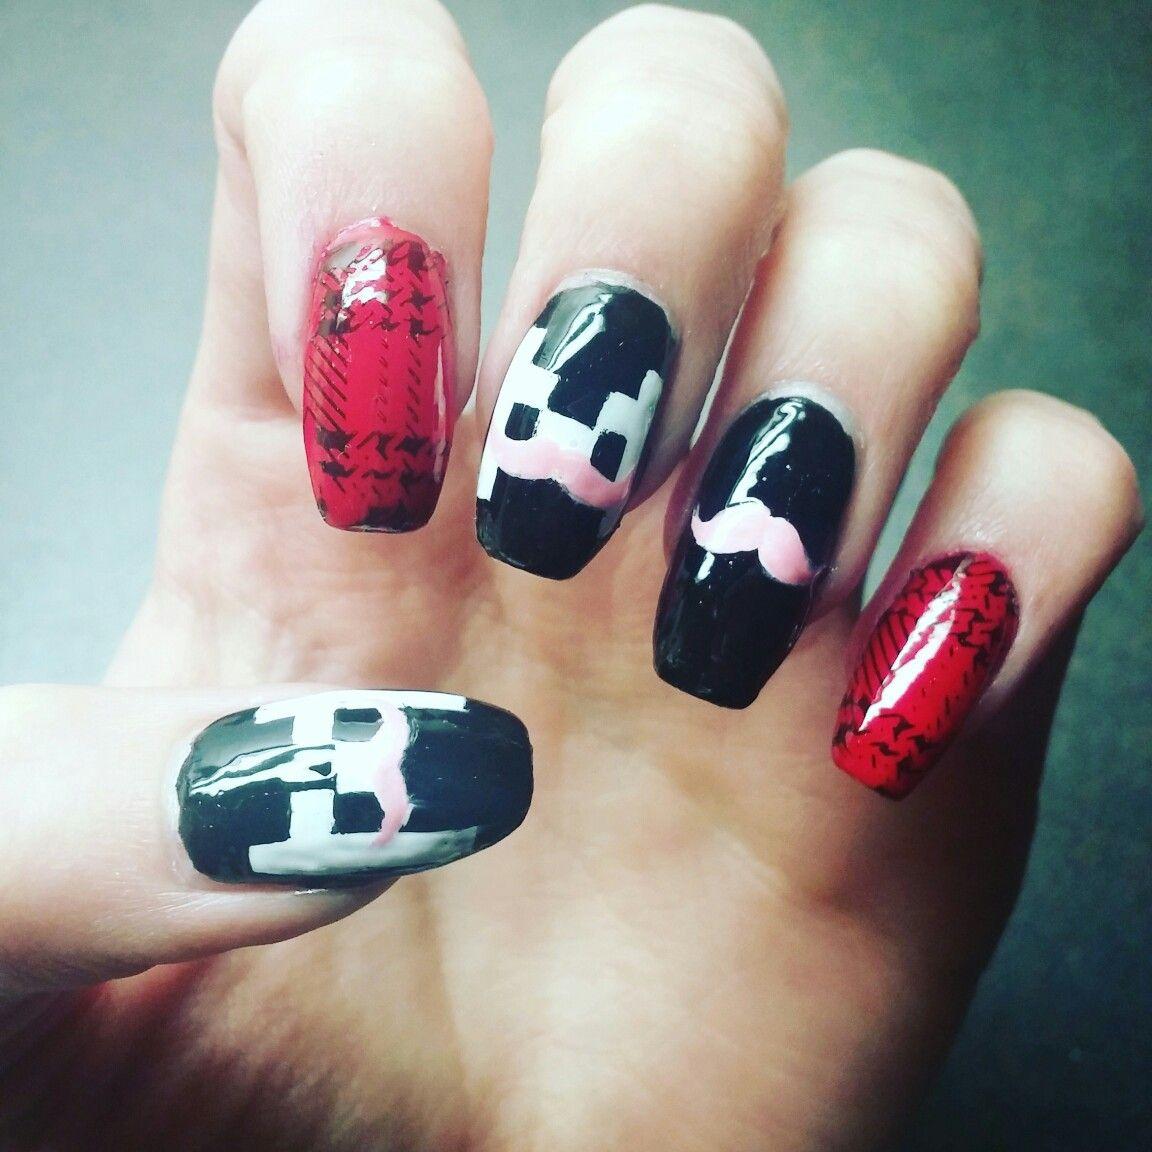 Markiplier Nails! #nerdnails #youtubernails   Geek / Nerd love ...